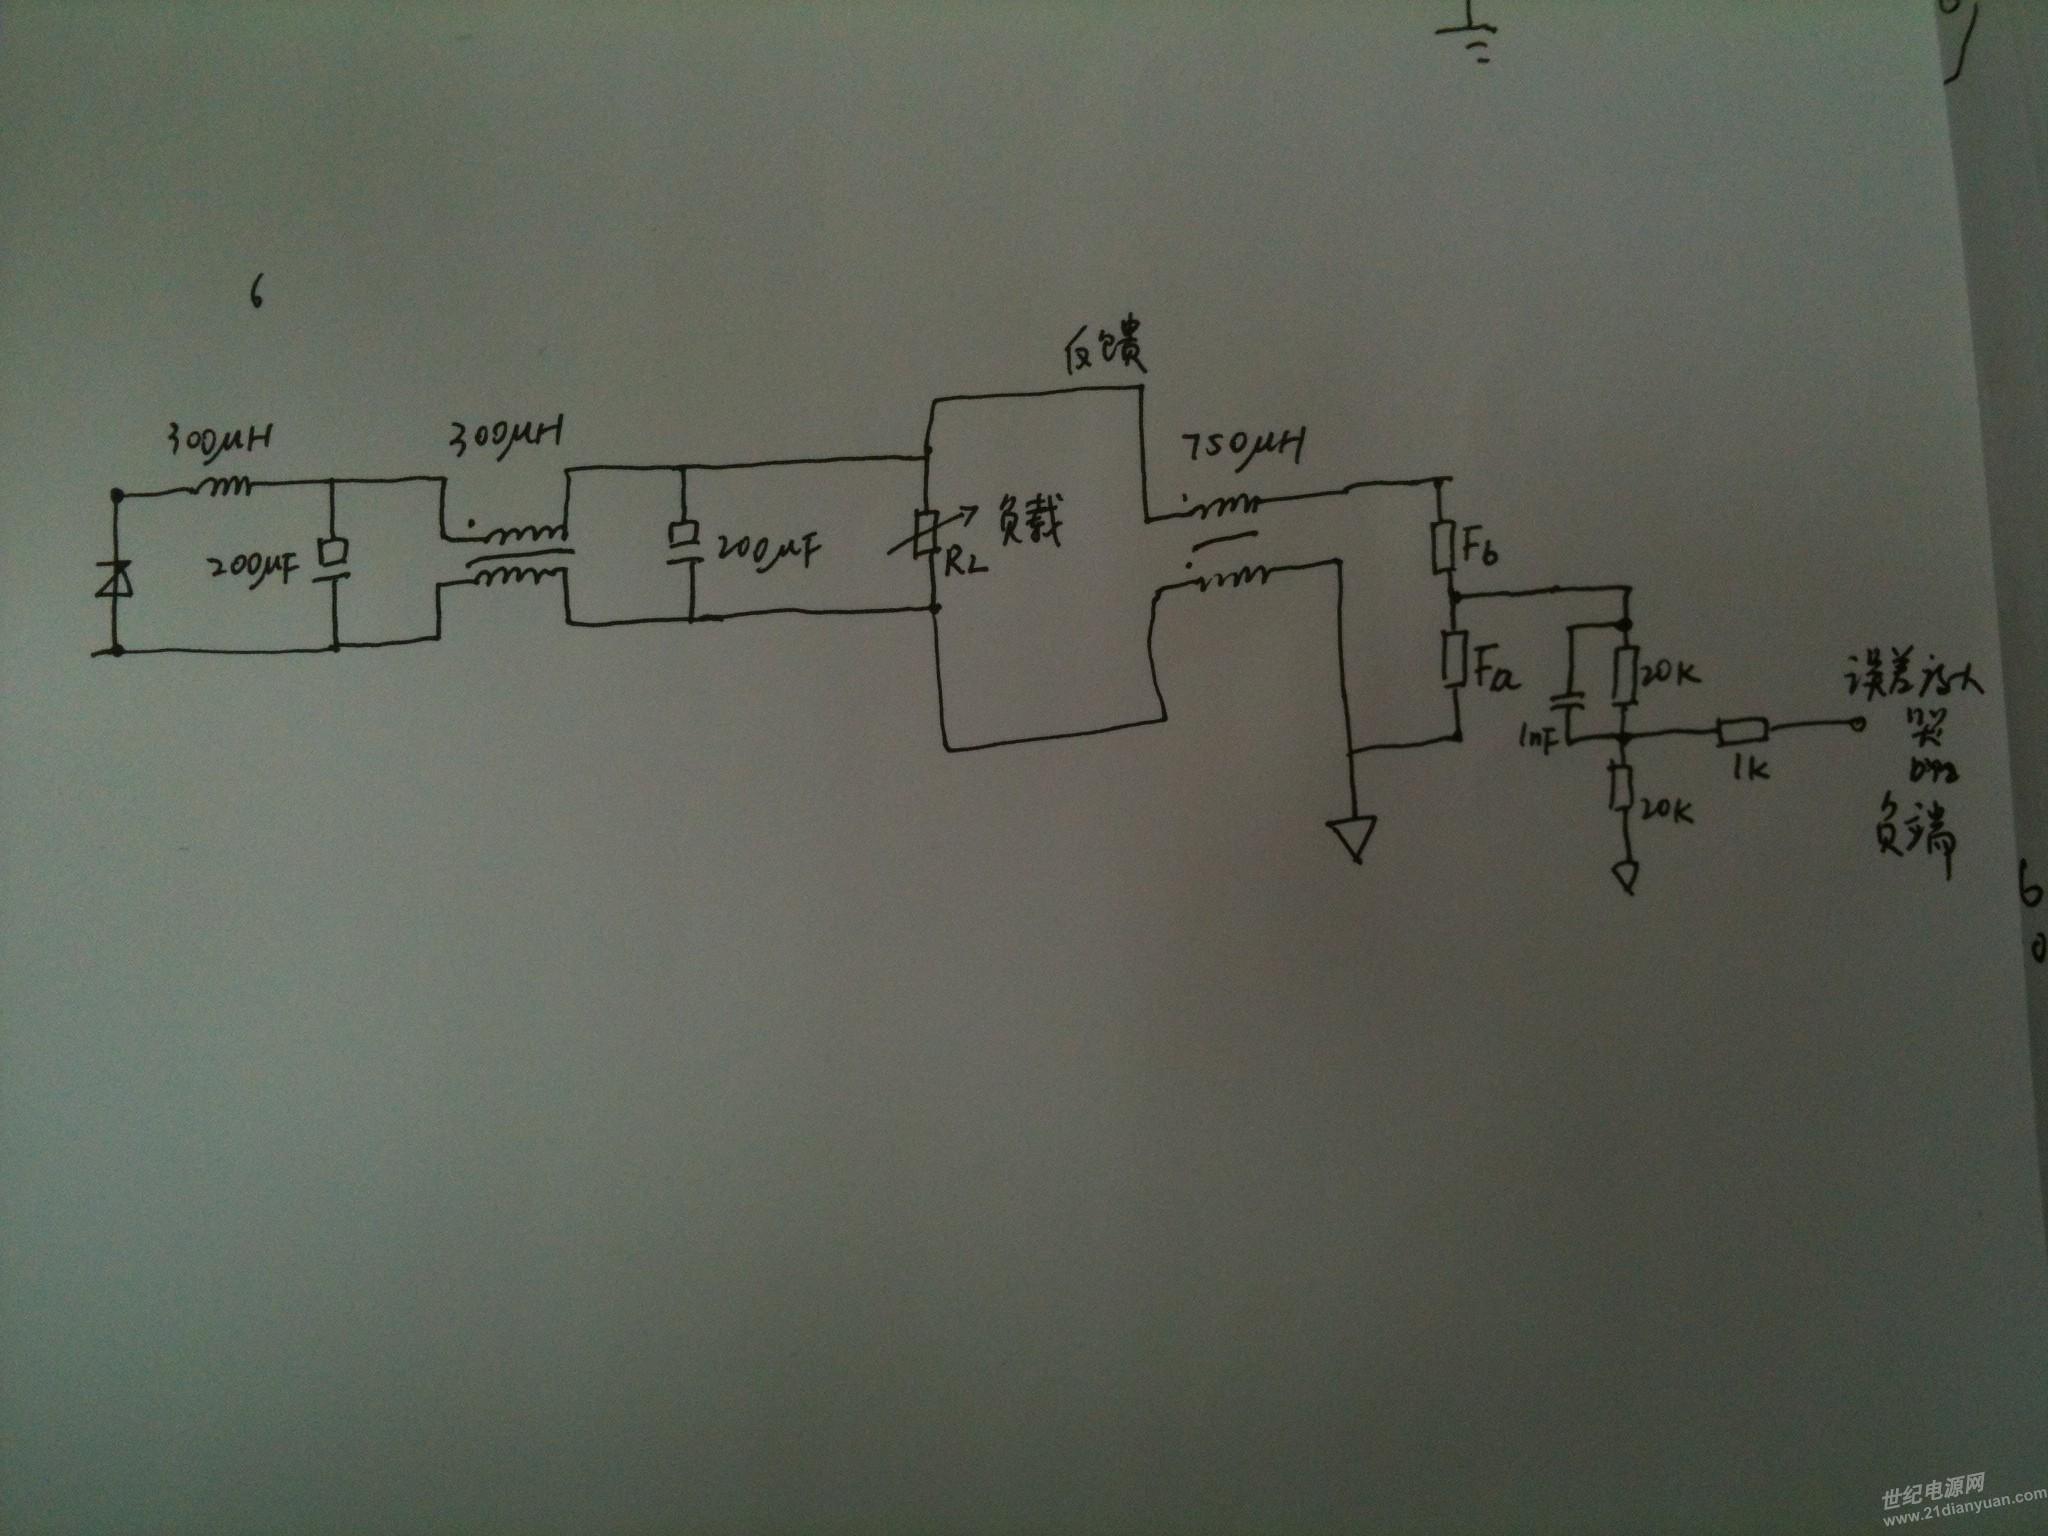 关于正激输出滤波电路的传递函数的疑问